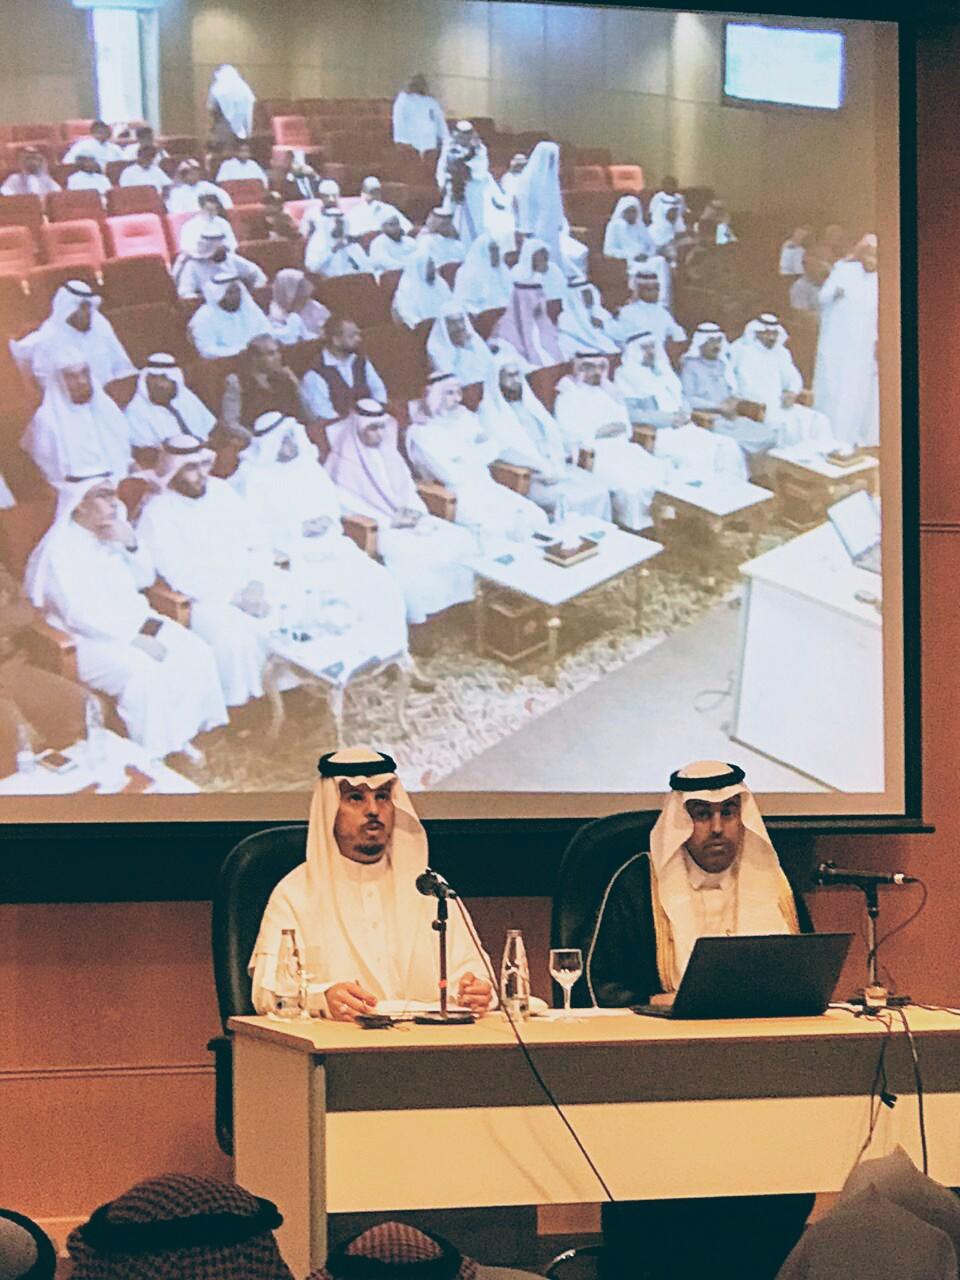 البرلمان العربي للمملكة دوري تاريخي ومحوري في نُصرة قضايا الأمة العربية وصيانة الأمن القومي العربي